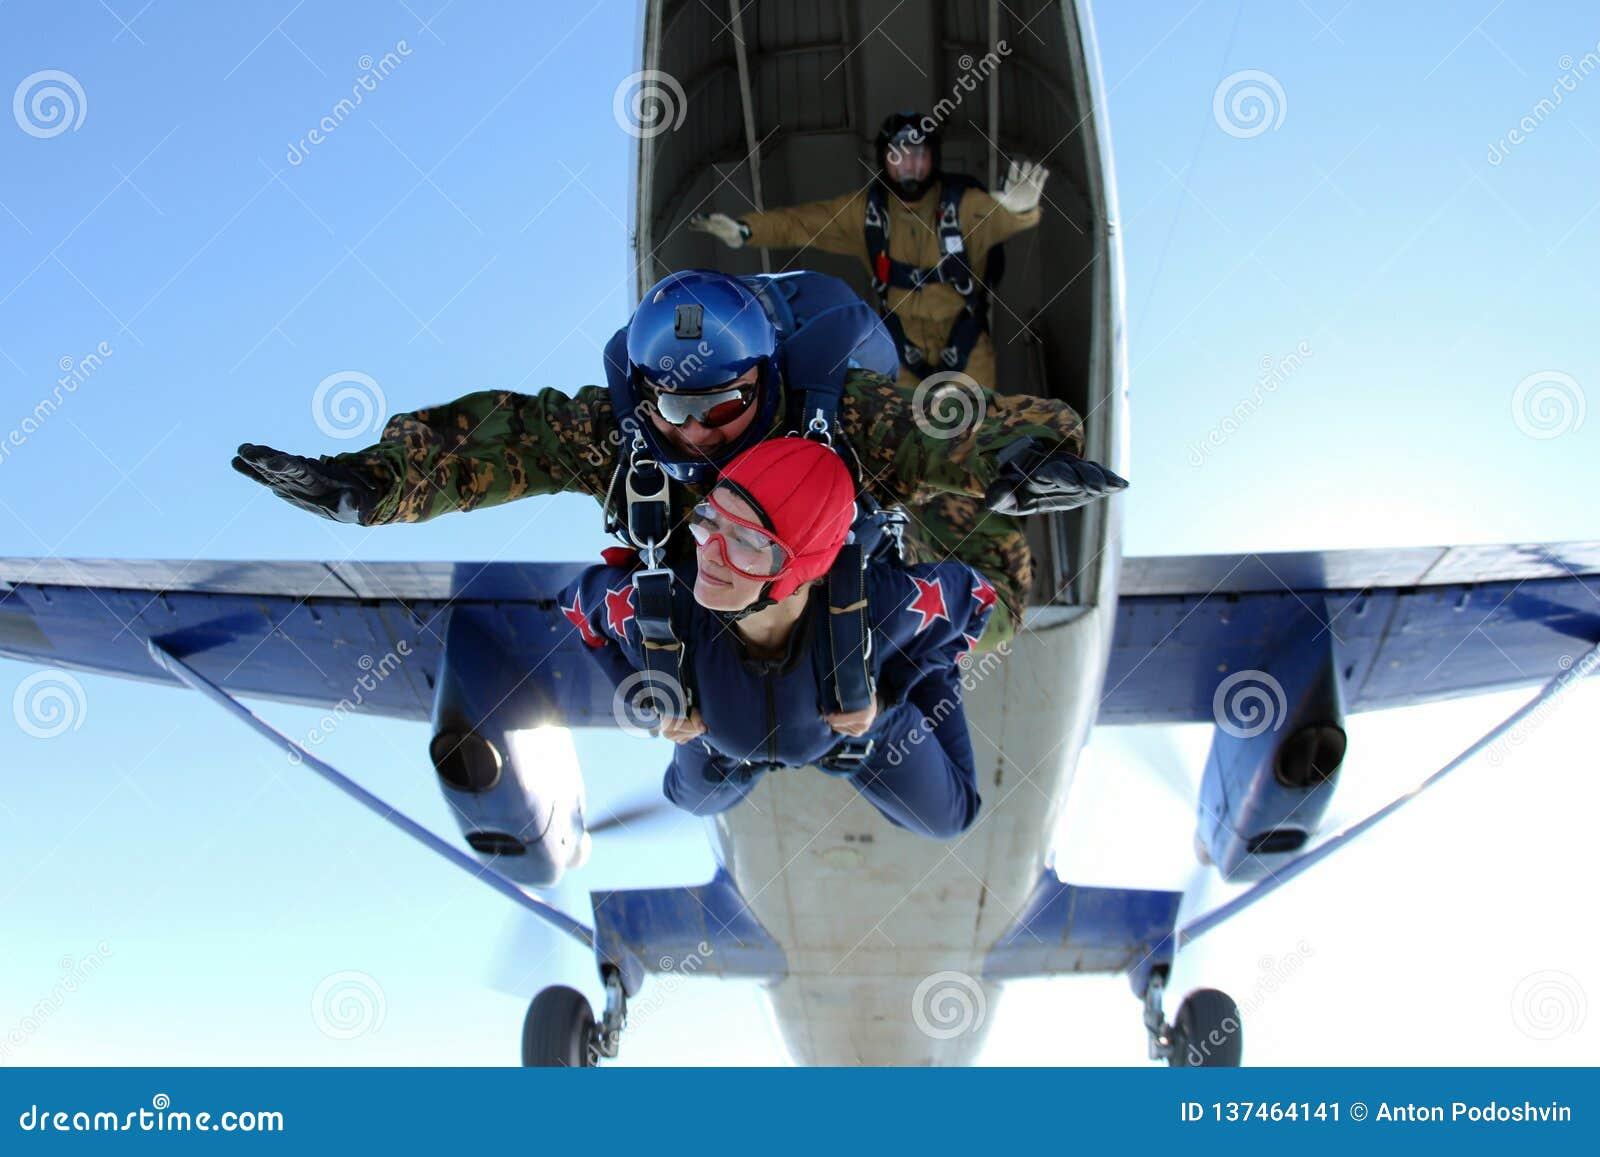 Skydiving El momento de saltar de un aeroplano